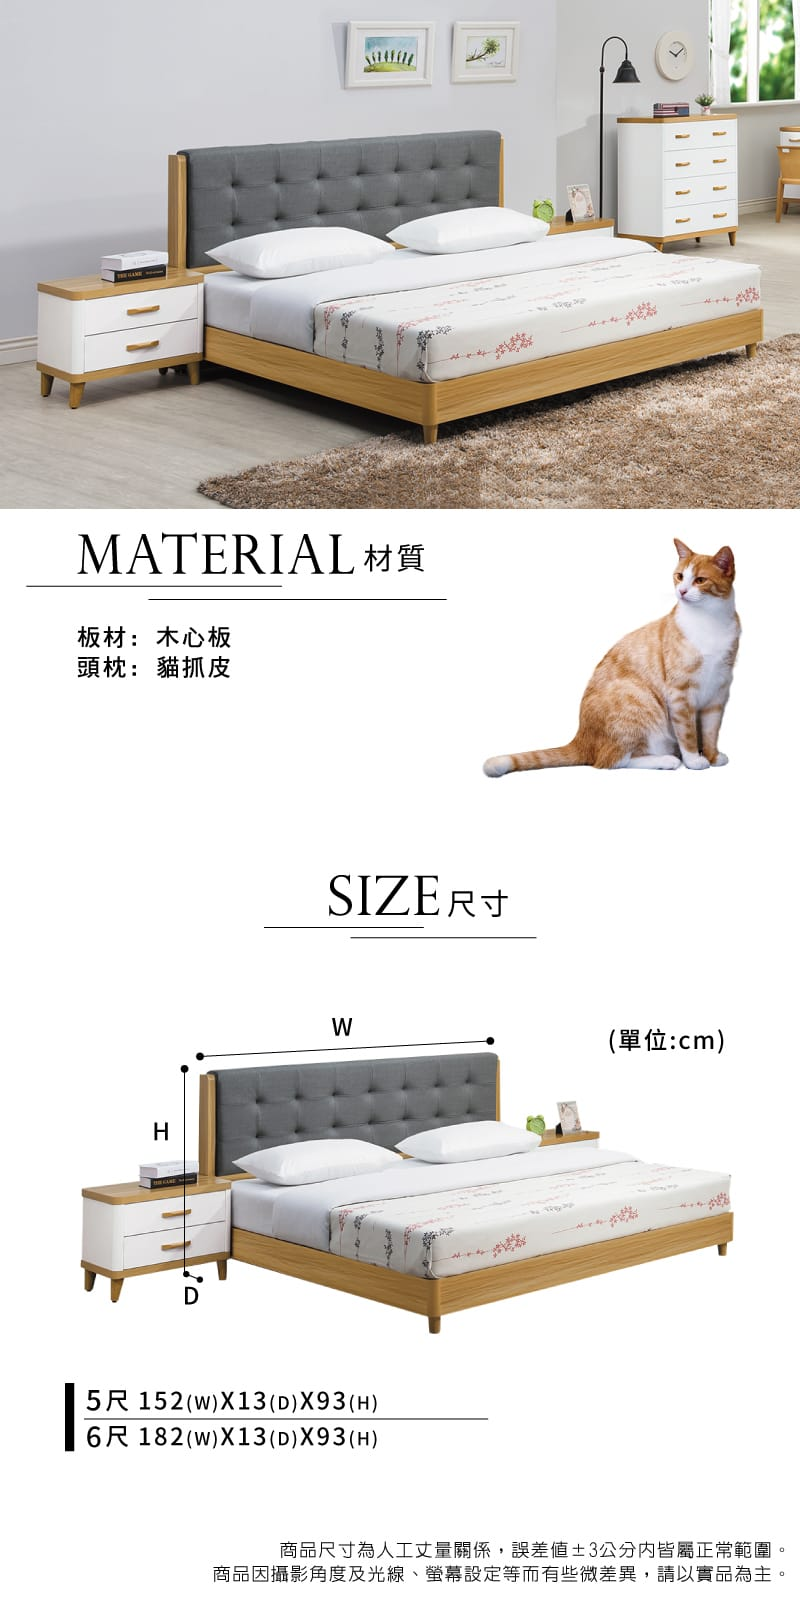 貓抓皮床頭片 雙人5尺【寶格麗】